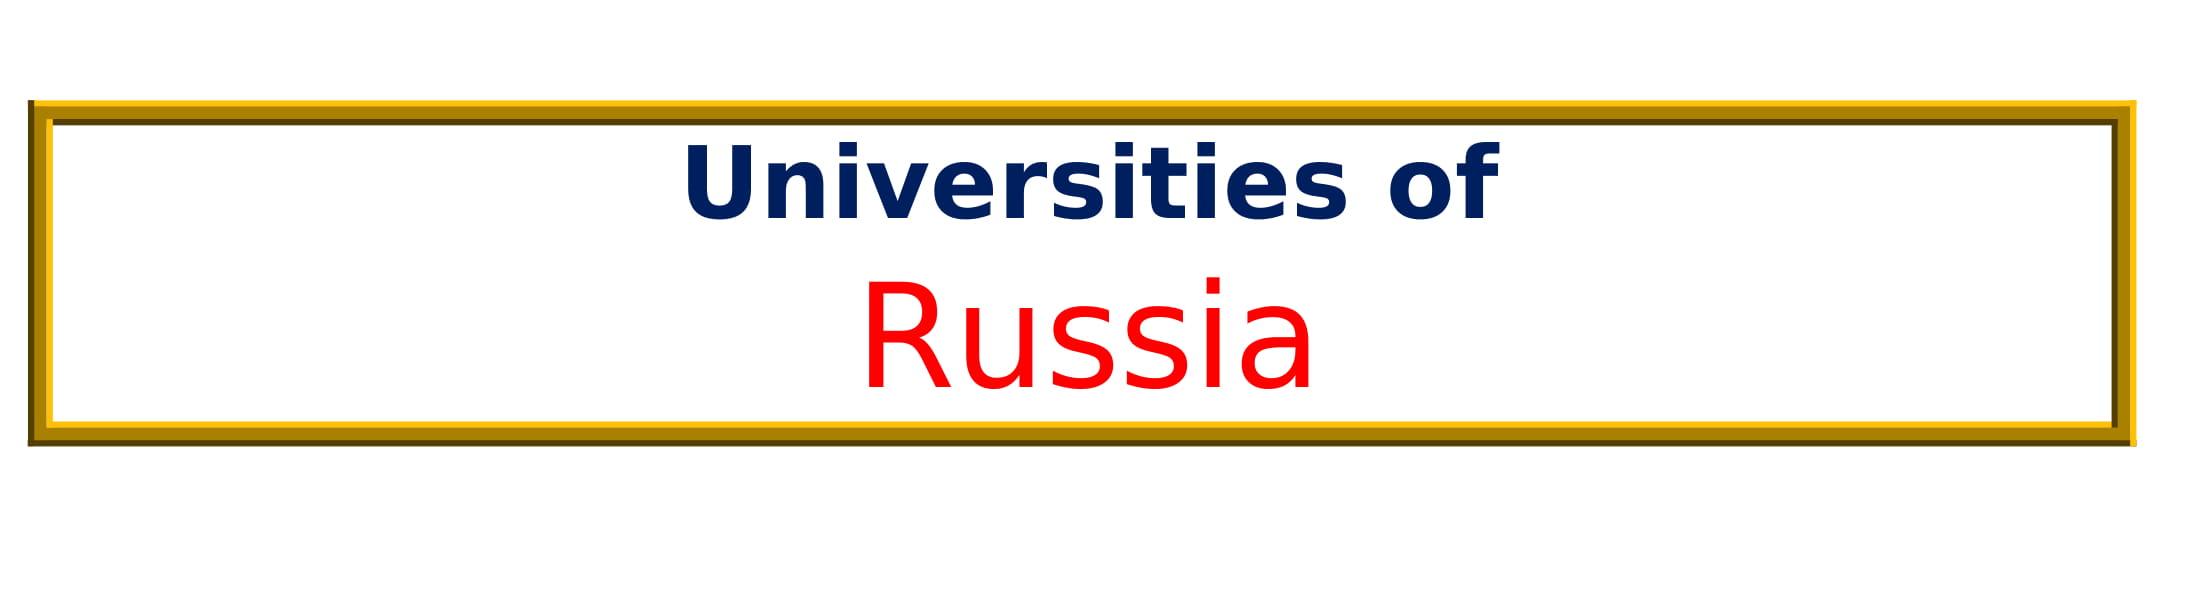 List of Universities in Russia